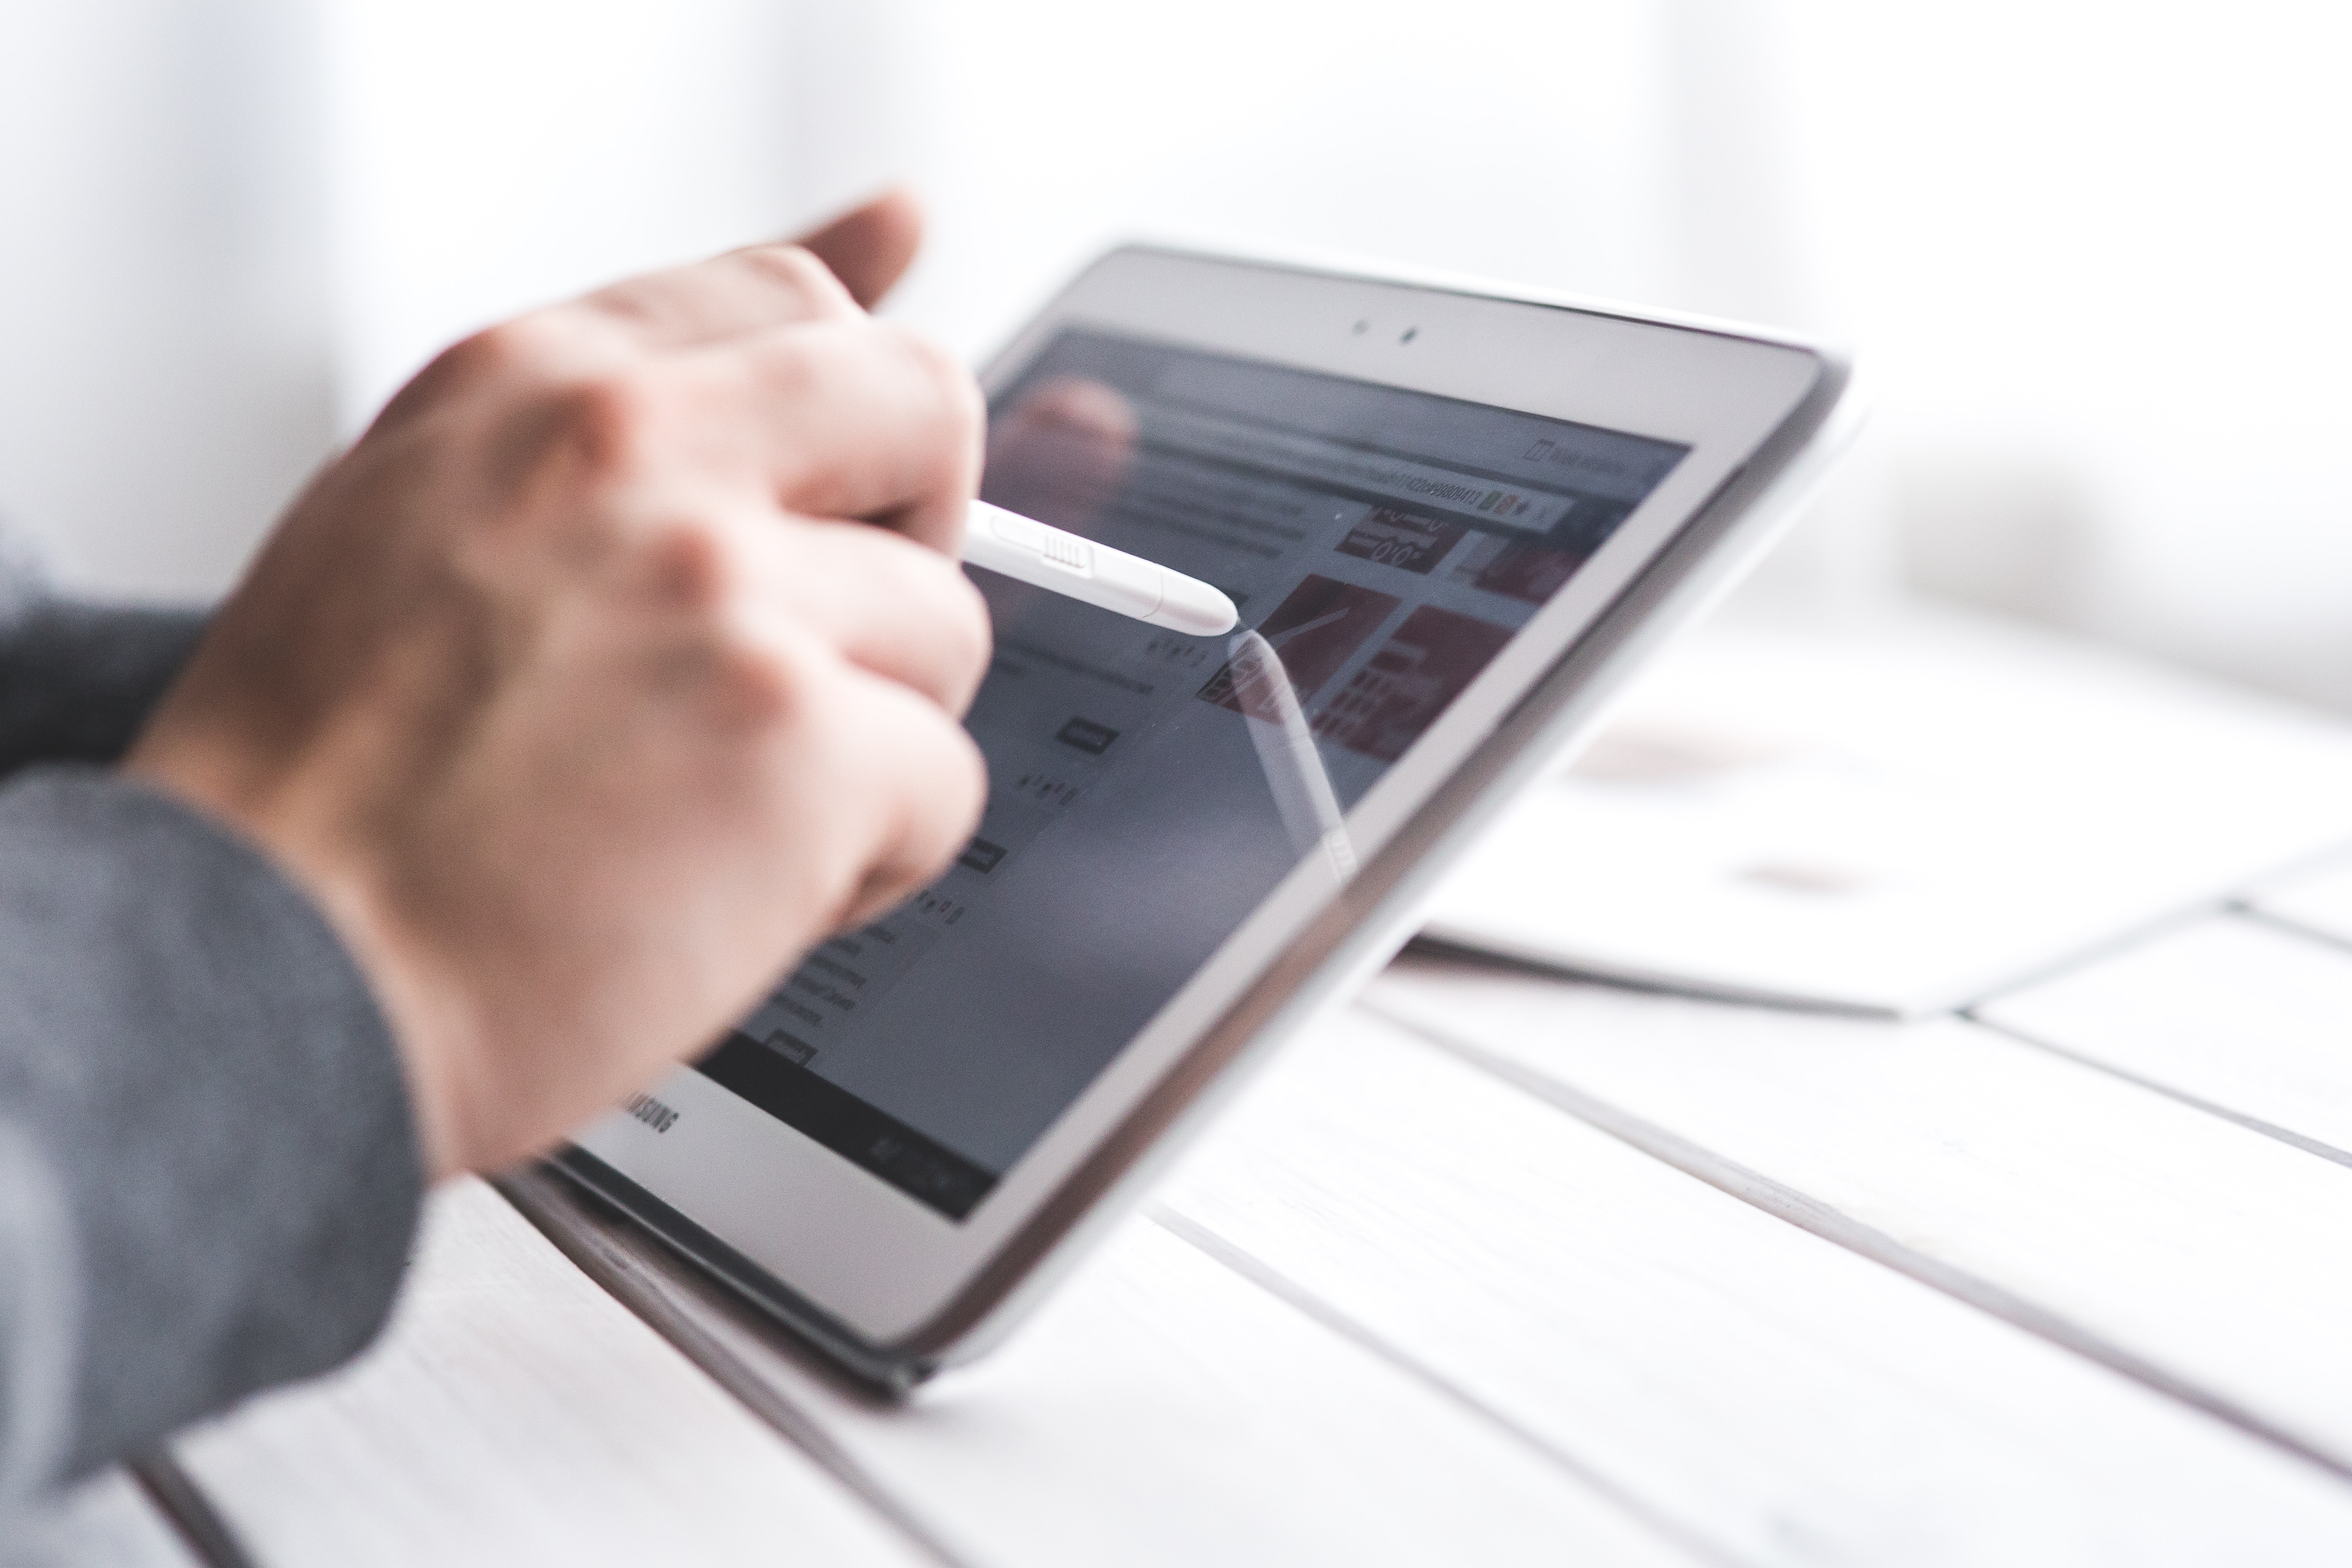 Modelos mais avançados de tablets trazem uma caneta especial para anotações.